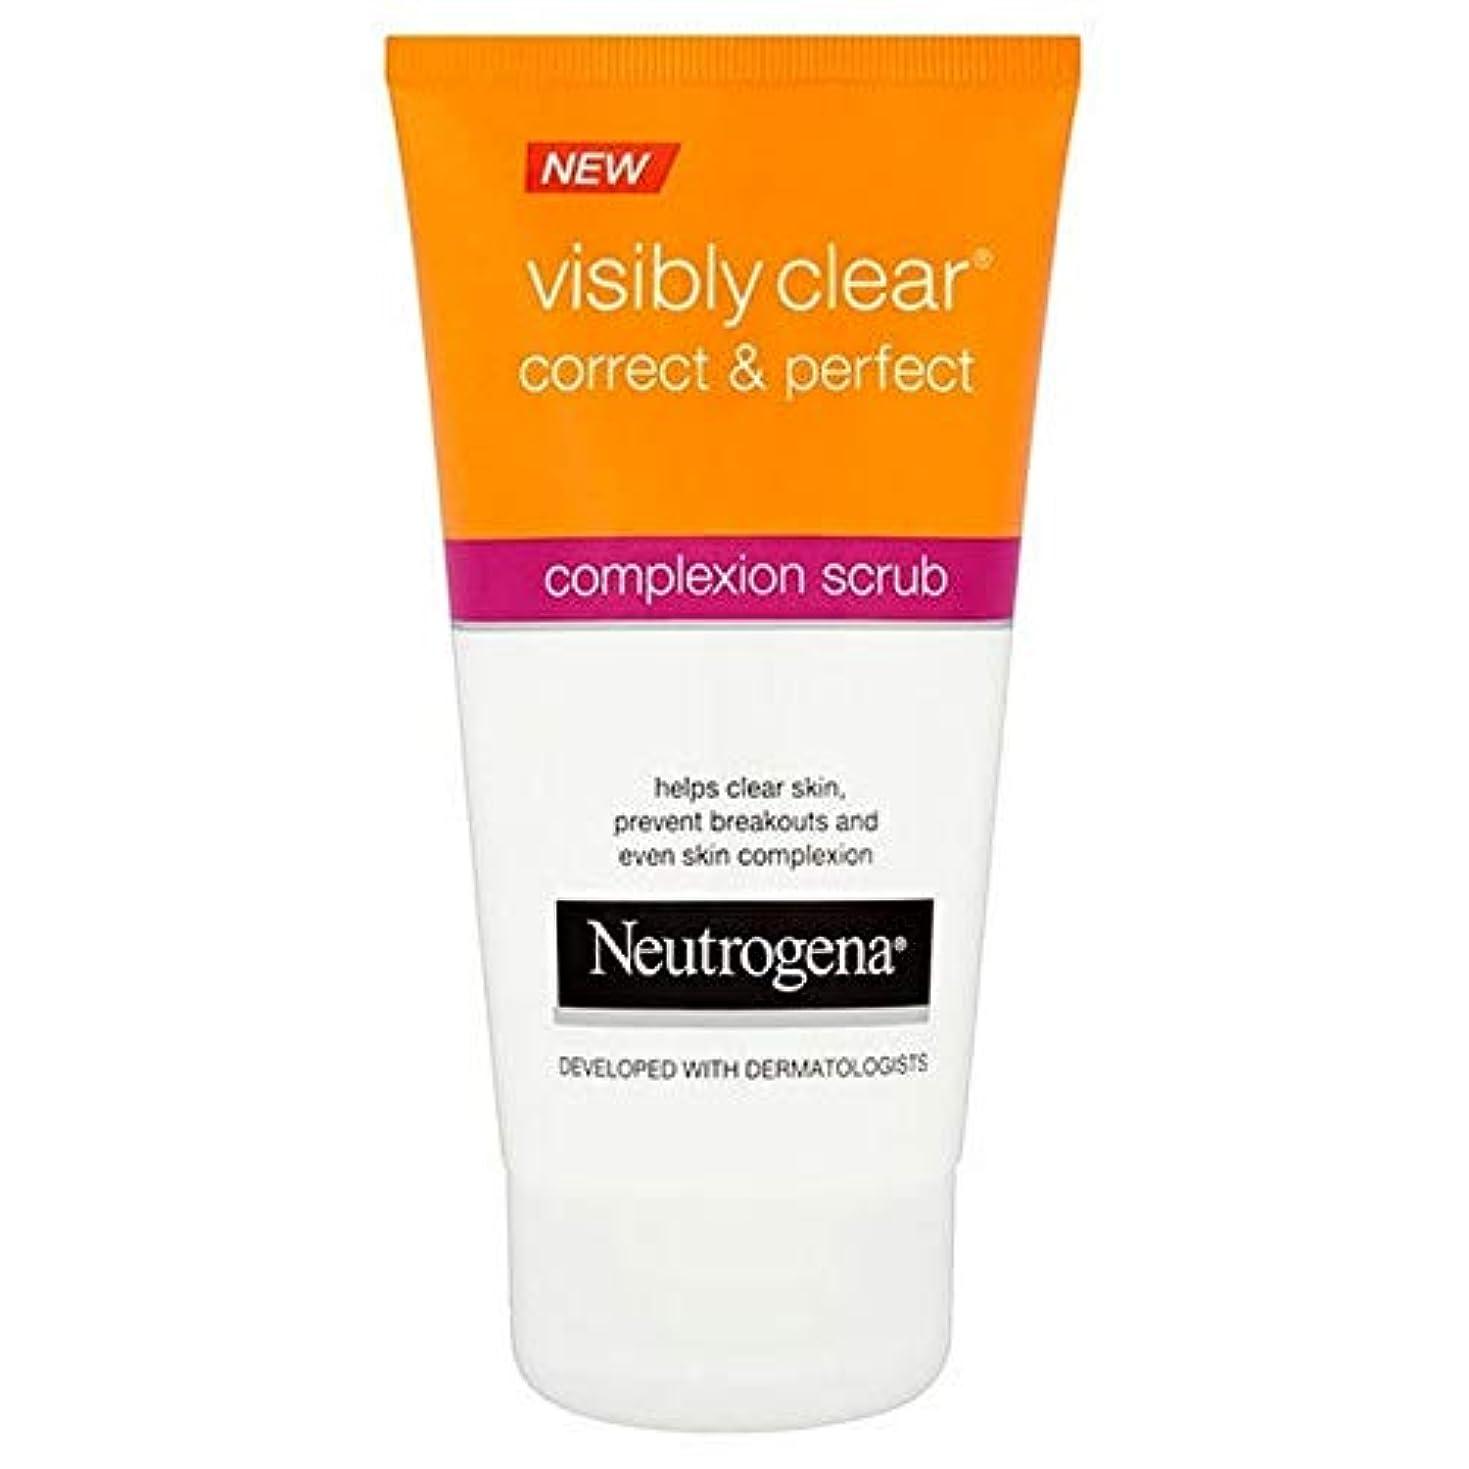 悲劇軽好戦的な[Neutrogena] ニュートロジーナ目に見えて明らかに正しいと完璧な顔色スクラブ - Neutrogena Visibly Clear Correct & Perfect Complexion Scrub [並行輸入品]